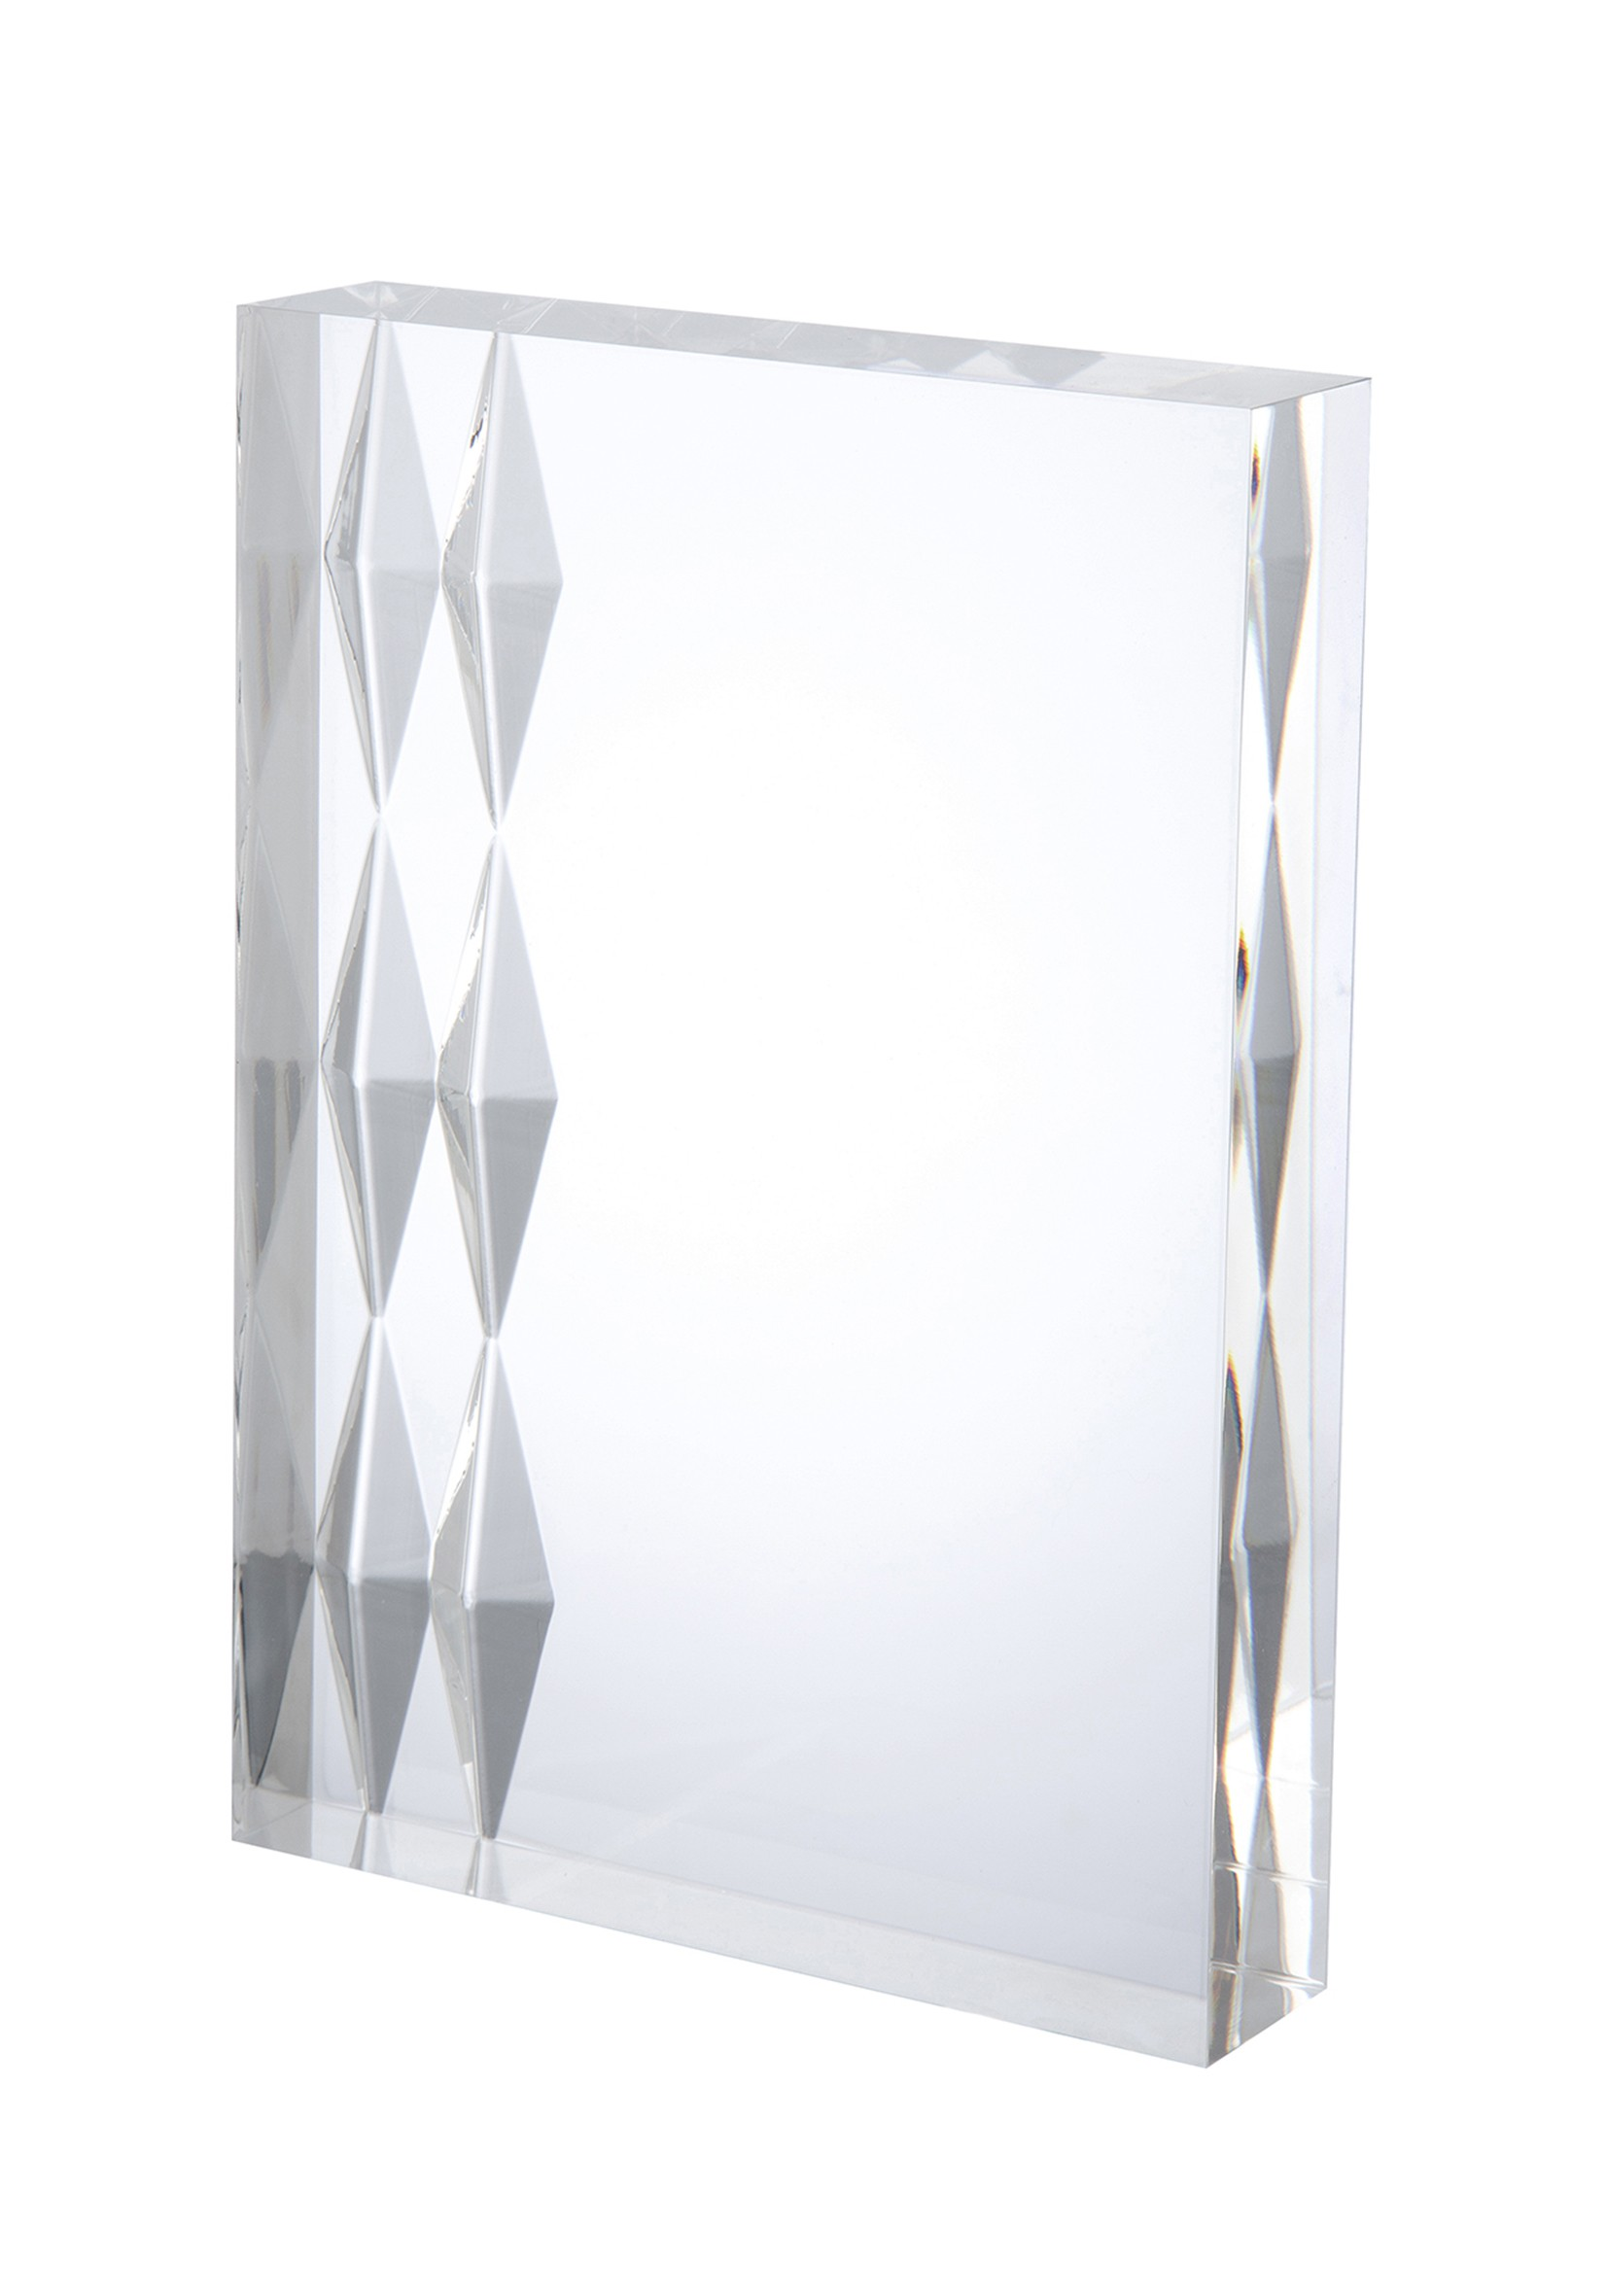 LG 17.5x12.5cm Acrylic Award